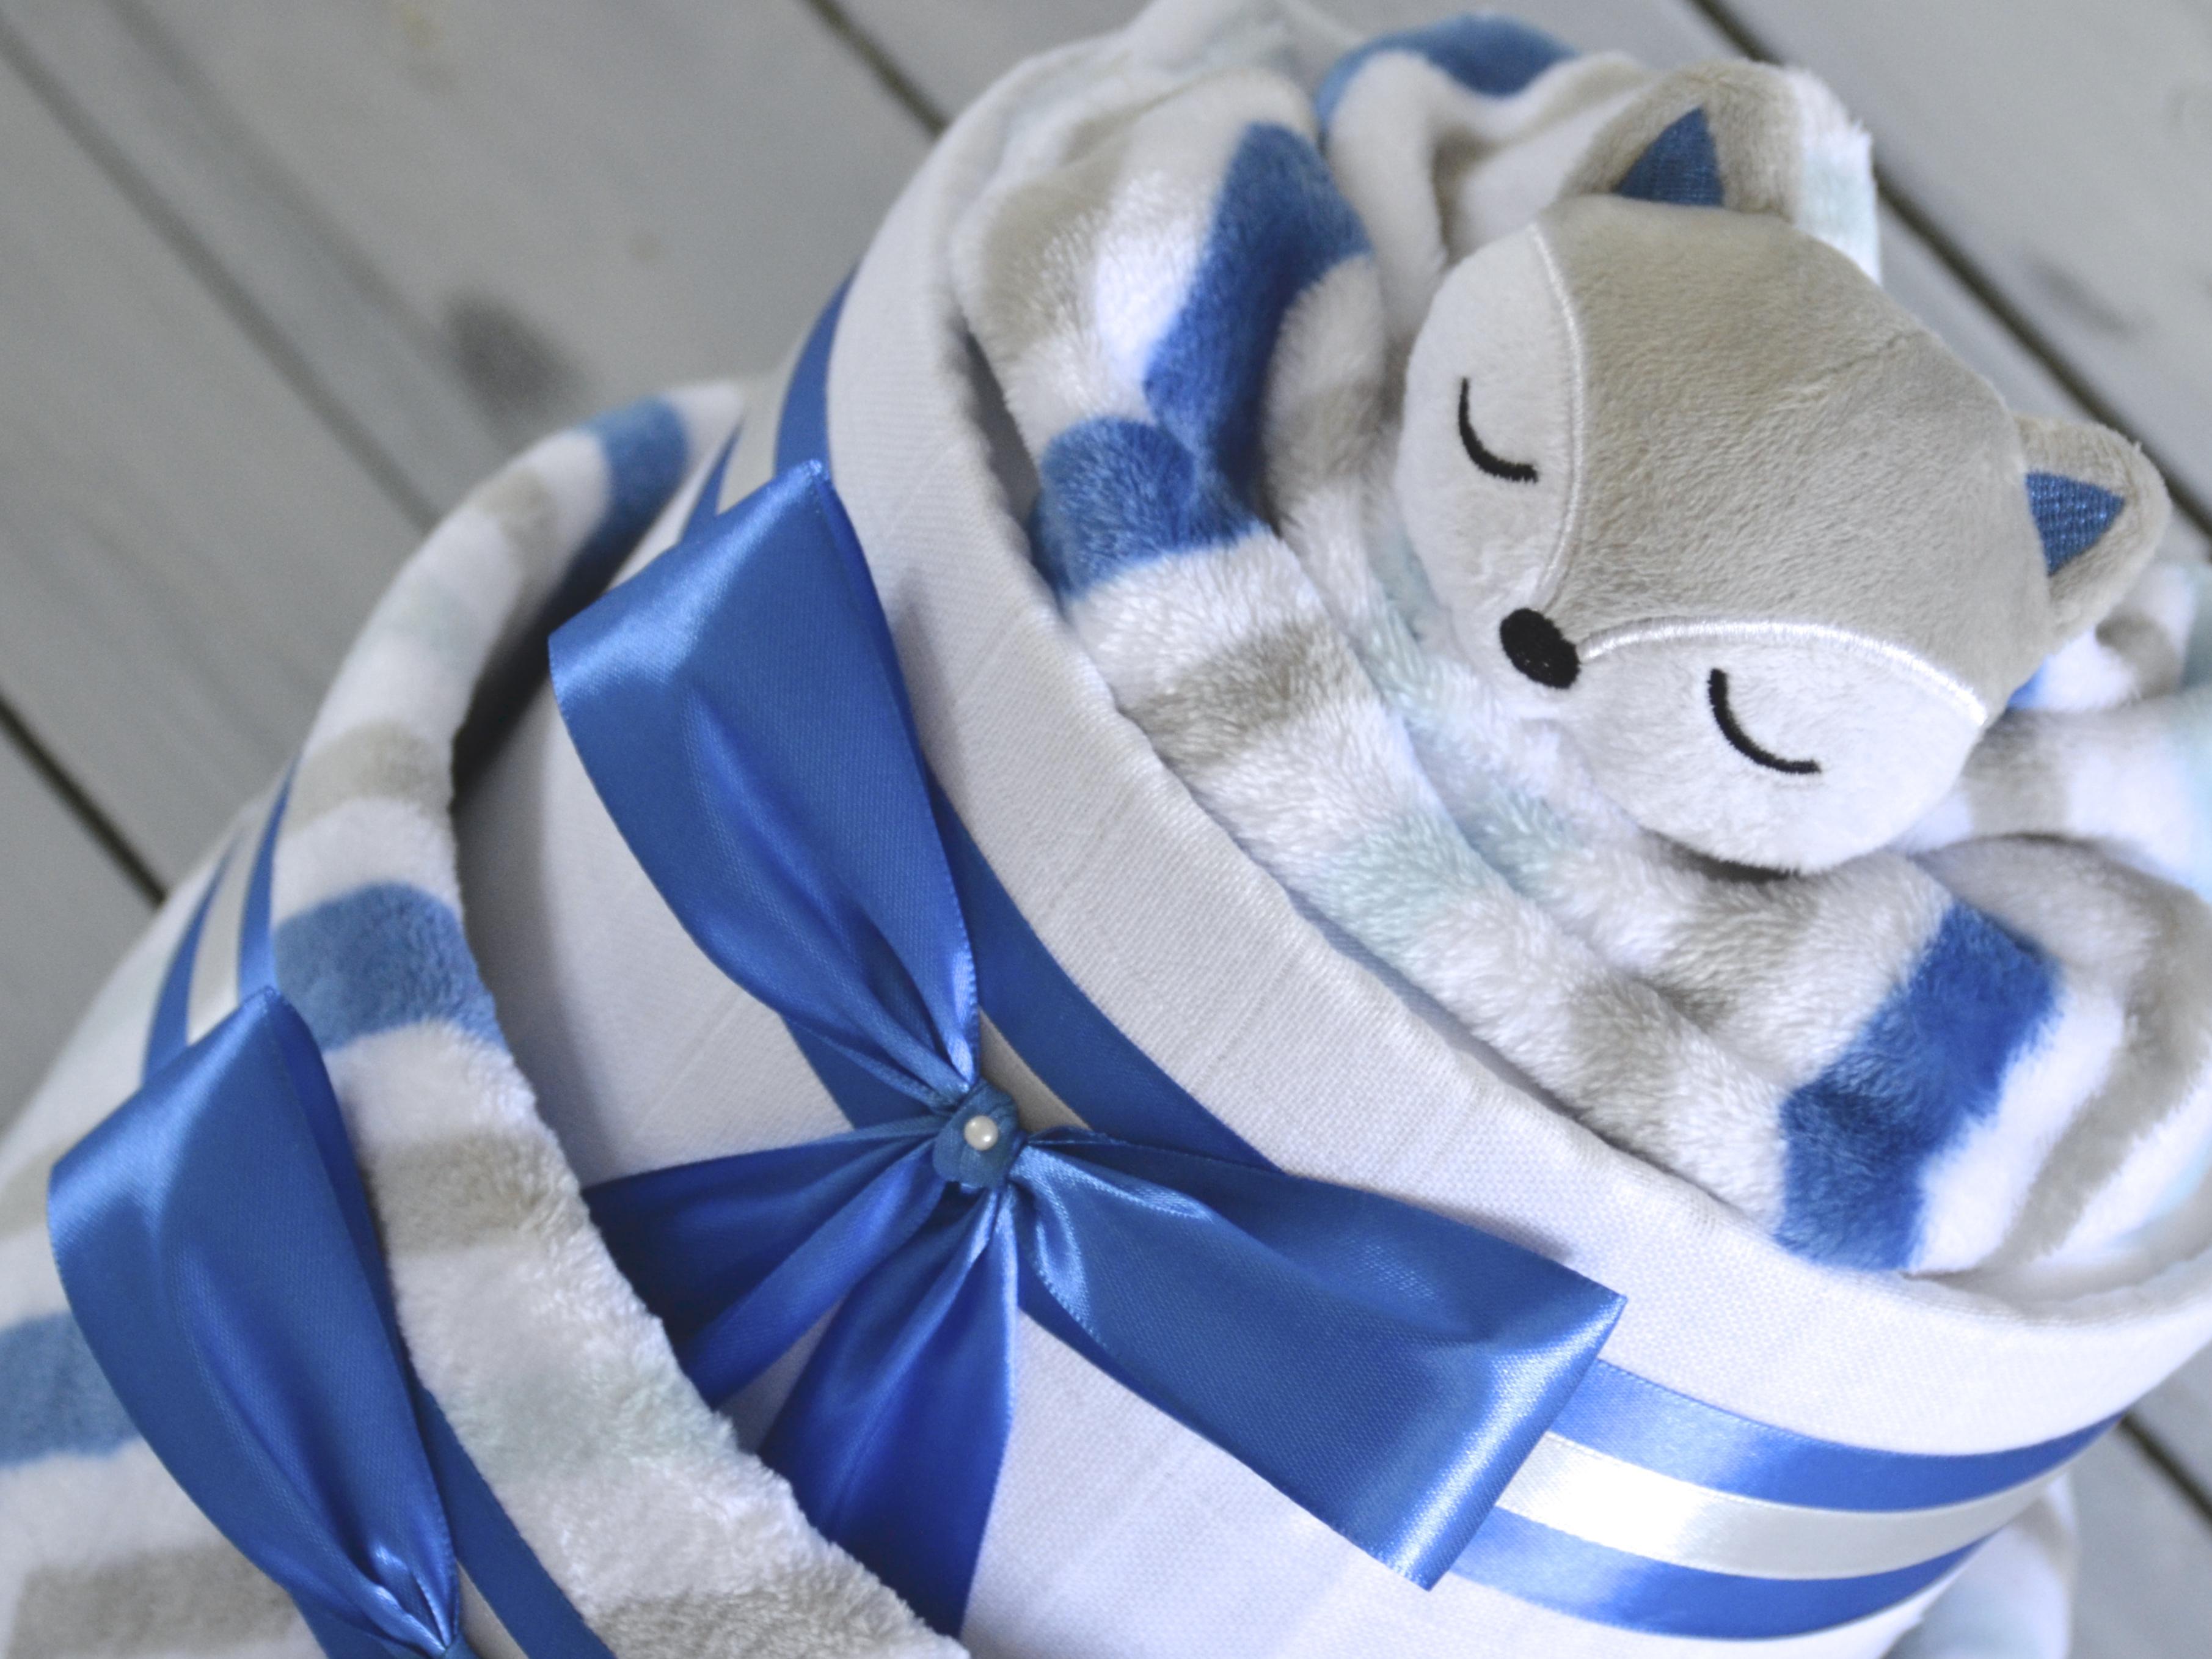 Nové plenkové dorty pro chlapečky ze setu deky a usínáčka lišky